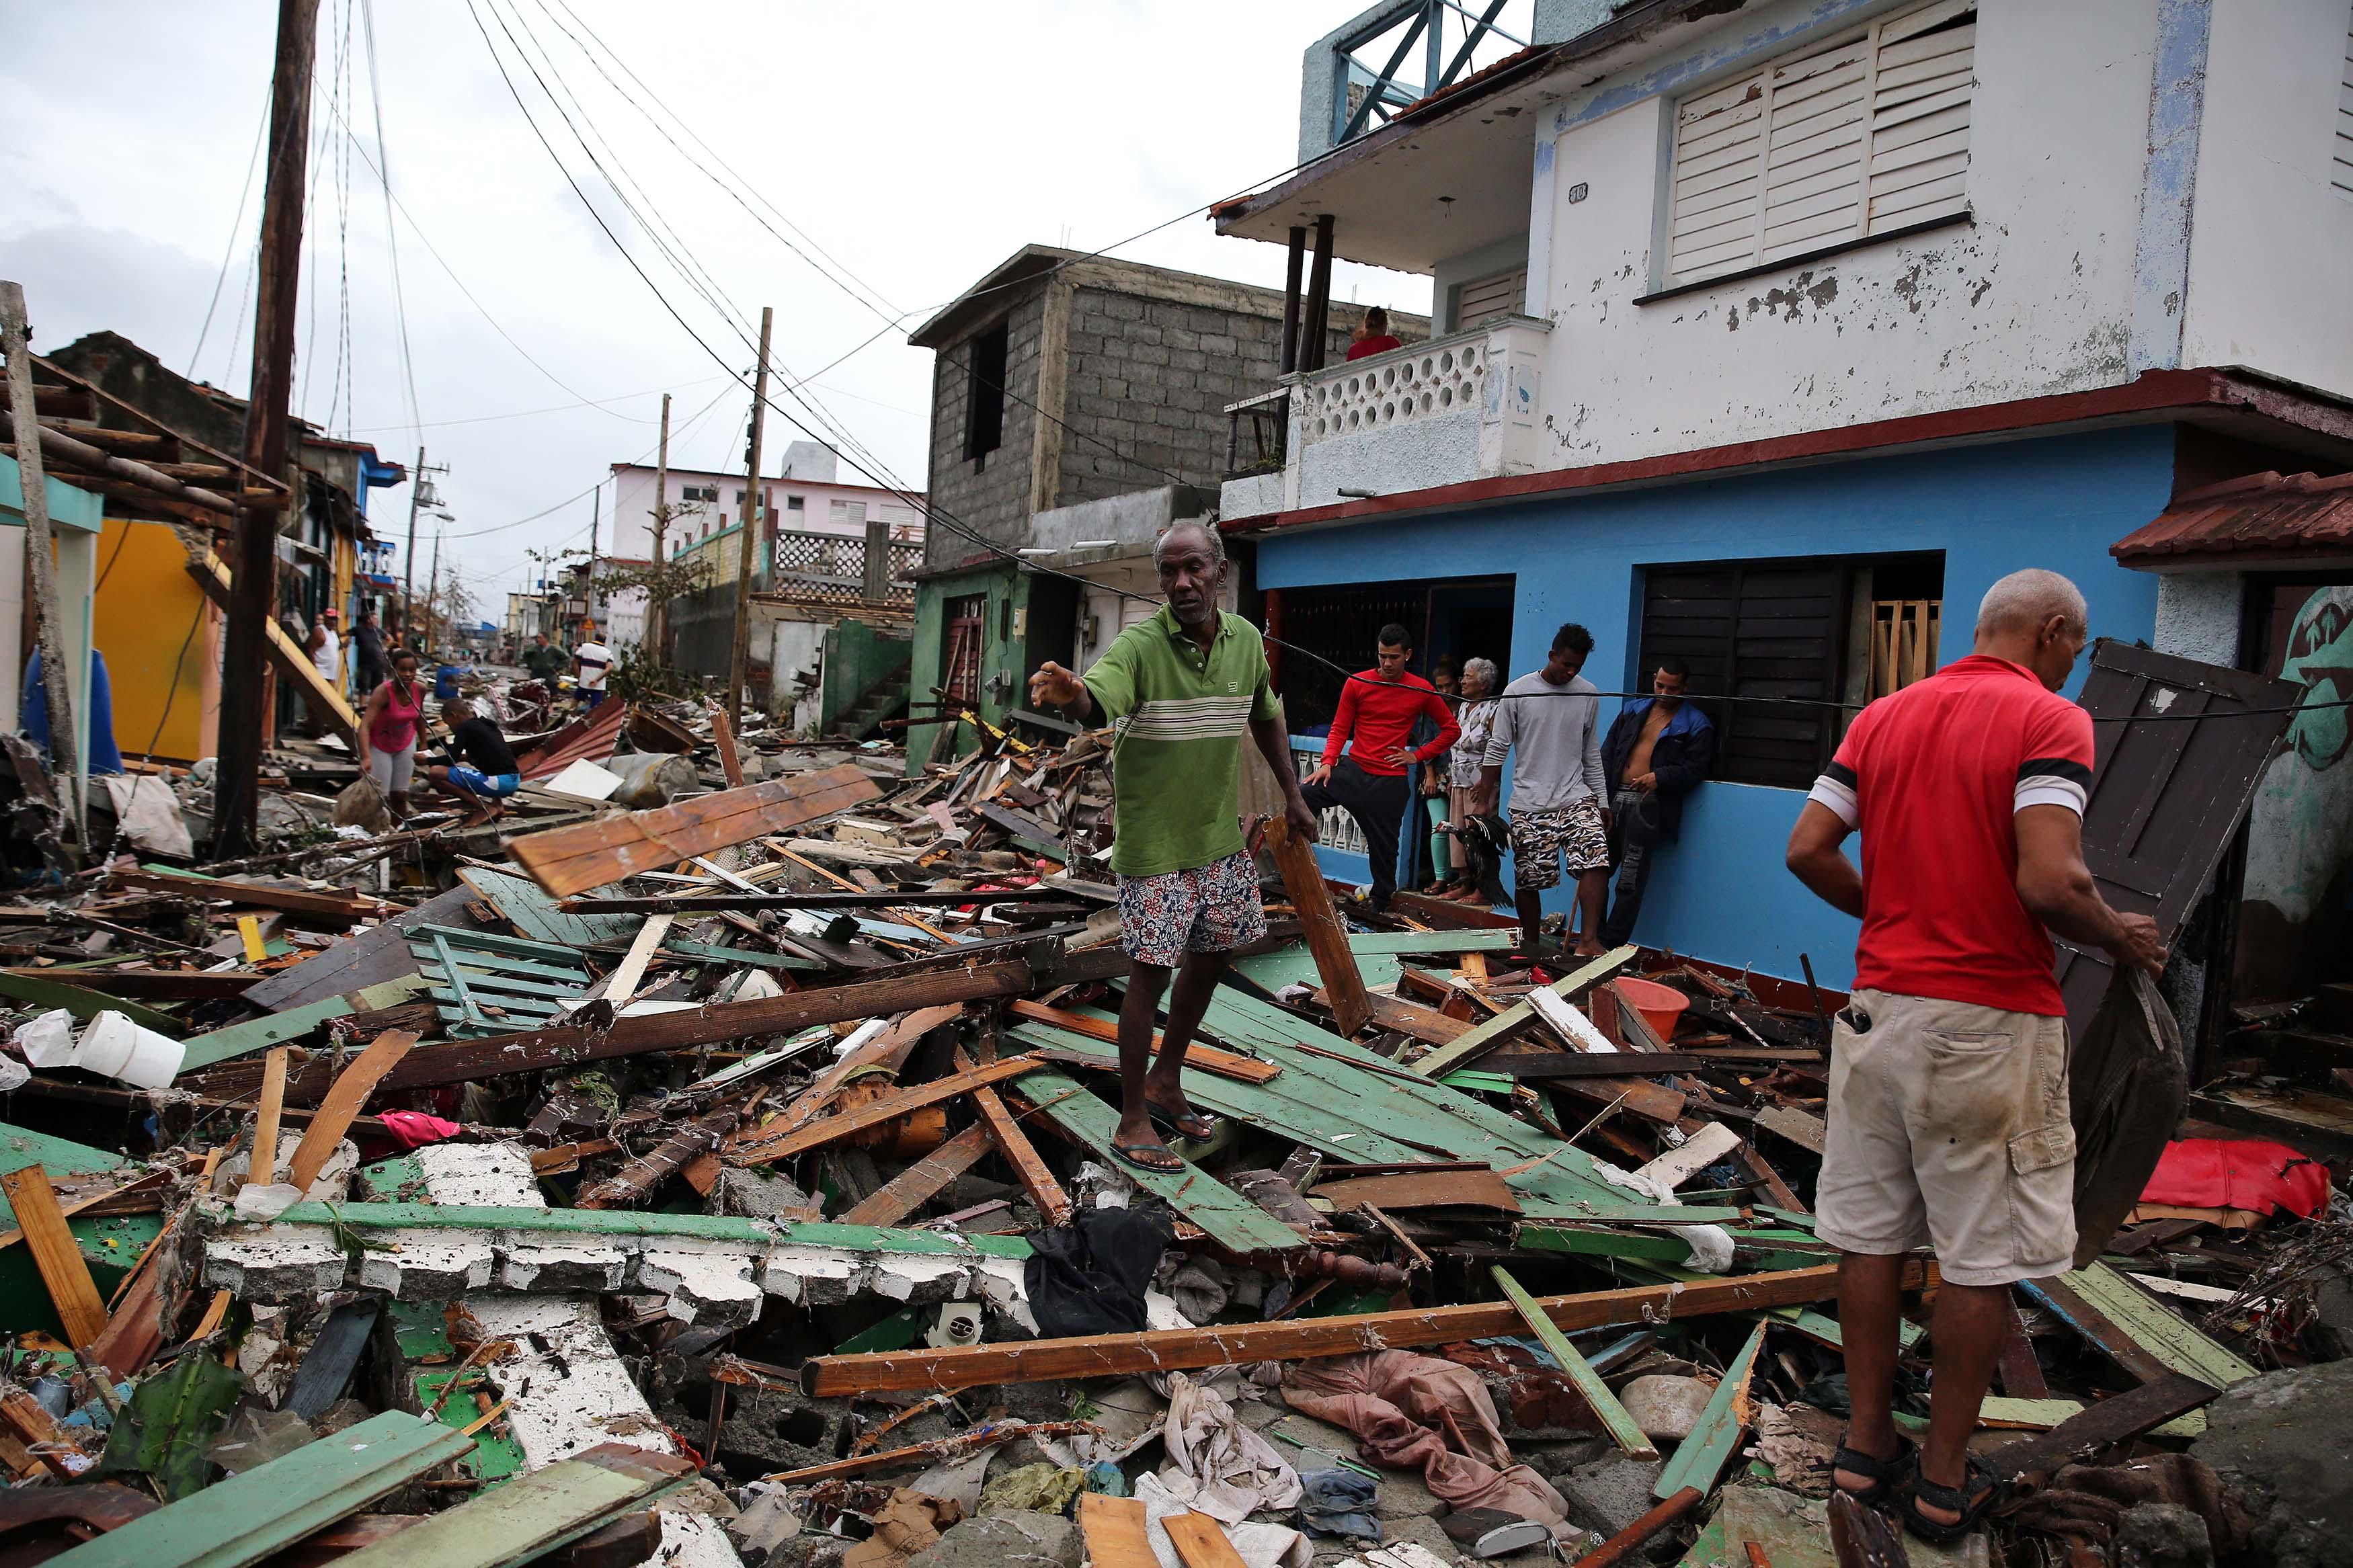 CUB01. BARACOA (CUBA),05/10/16.- Cubanos se recuperan hoy, miércoles 5 de octubre de 2016, de los destrozos y estragos causados por el paso del huracán Matthew en Baracoa, provincia de Guantánamo (Cuba). El huracán Matthew dejó a su paso por Cuba graves destrozos en el extremo oriental de la isla, con derrumbes de viviendas totales y parciales, postes de electricidad tumbados y carreteras cortadas por las inundaciones, que han incomunicado totalmente varios municipios. EFE/ALEJANDRO ERNESTO